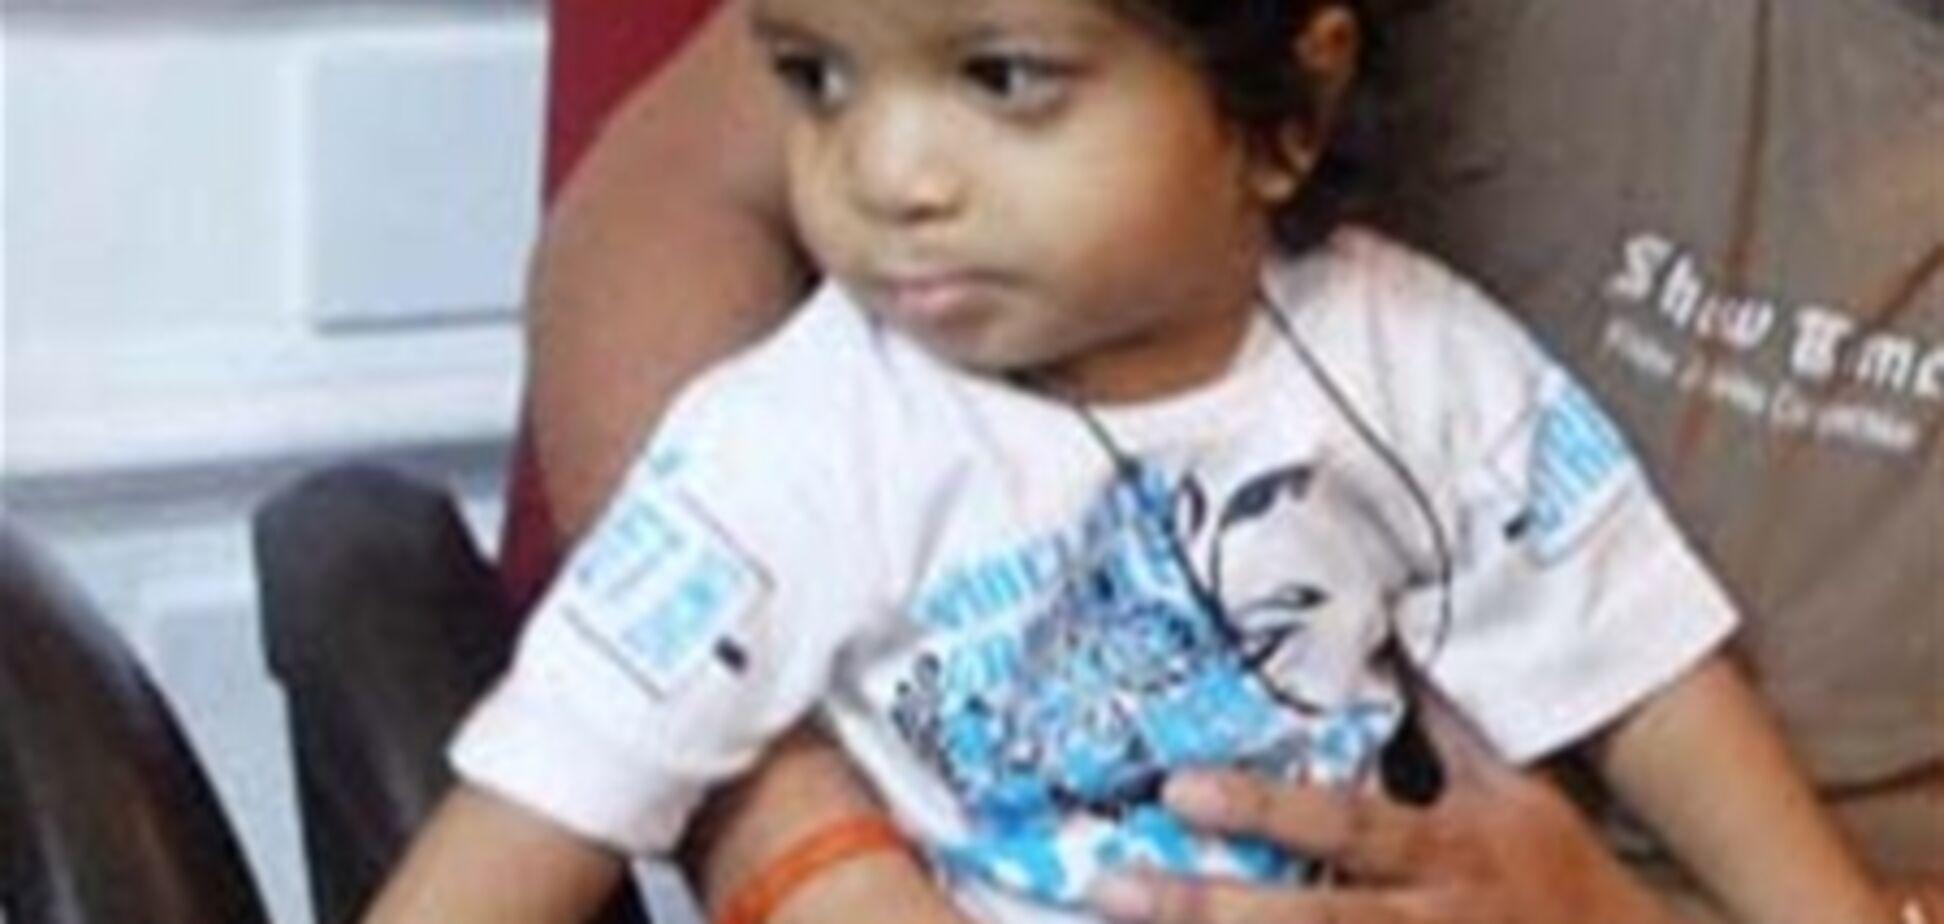 Годовалый младенец побил мировой рекорд по числу пальцев. ФОТО